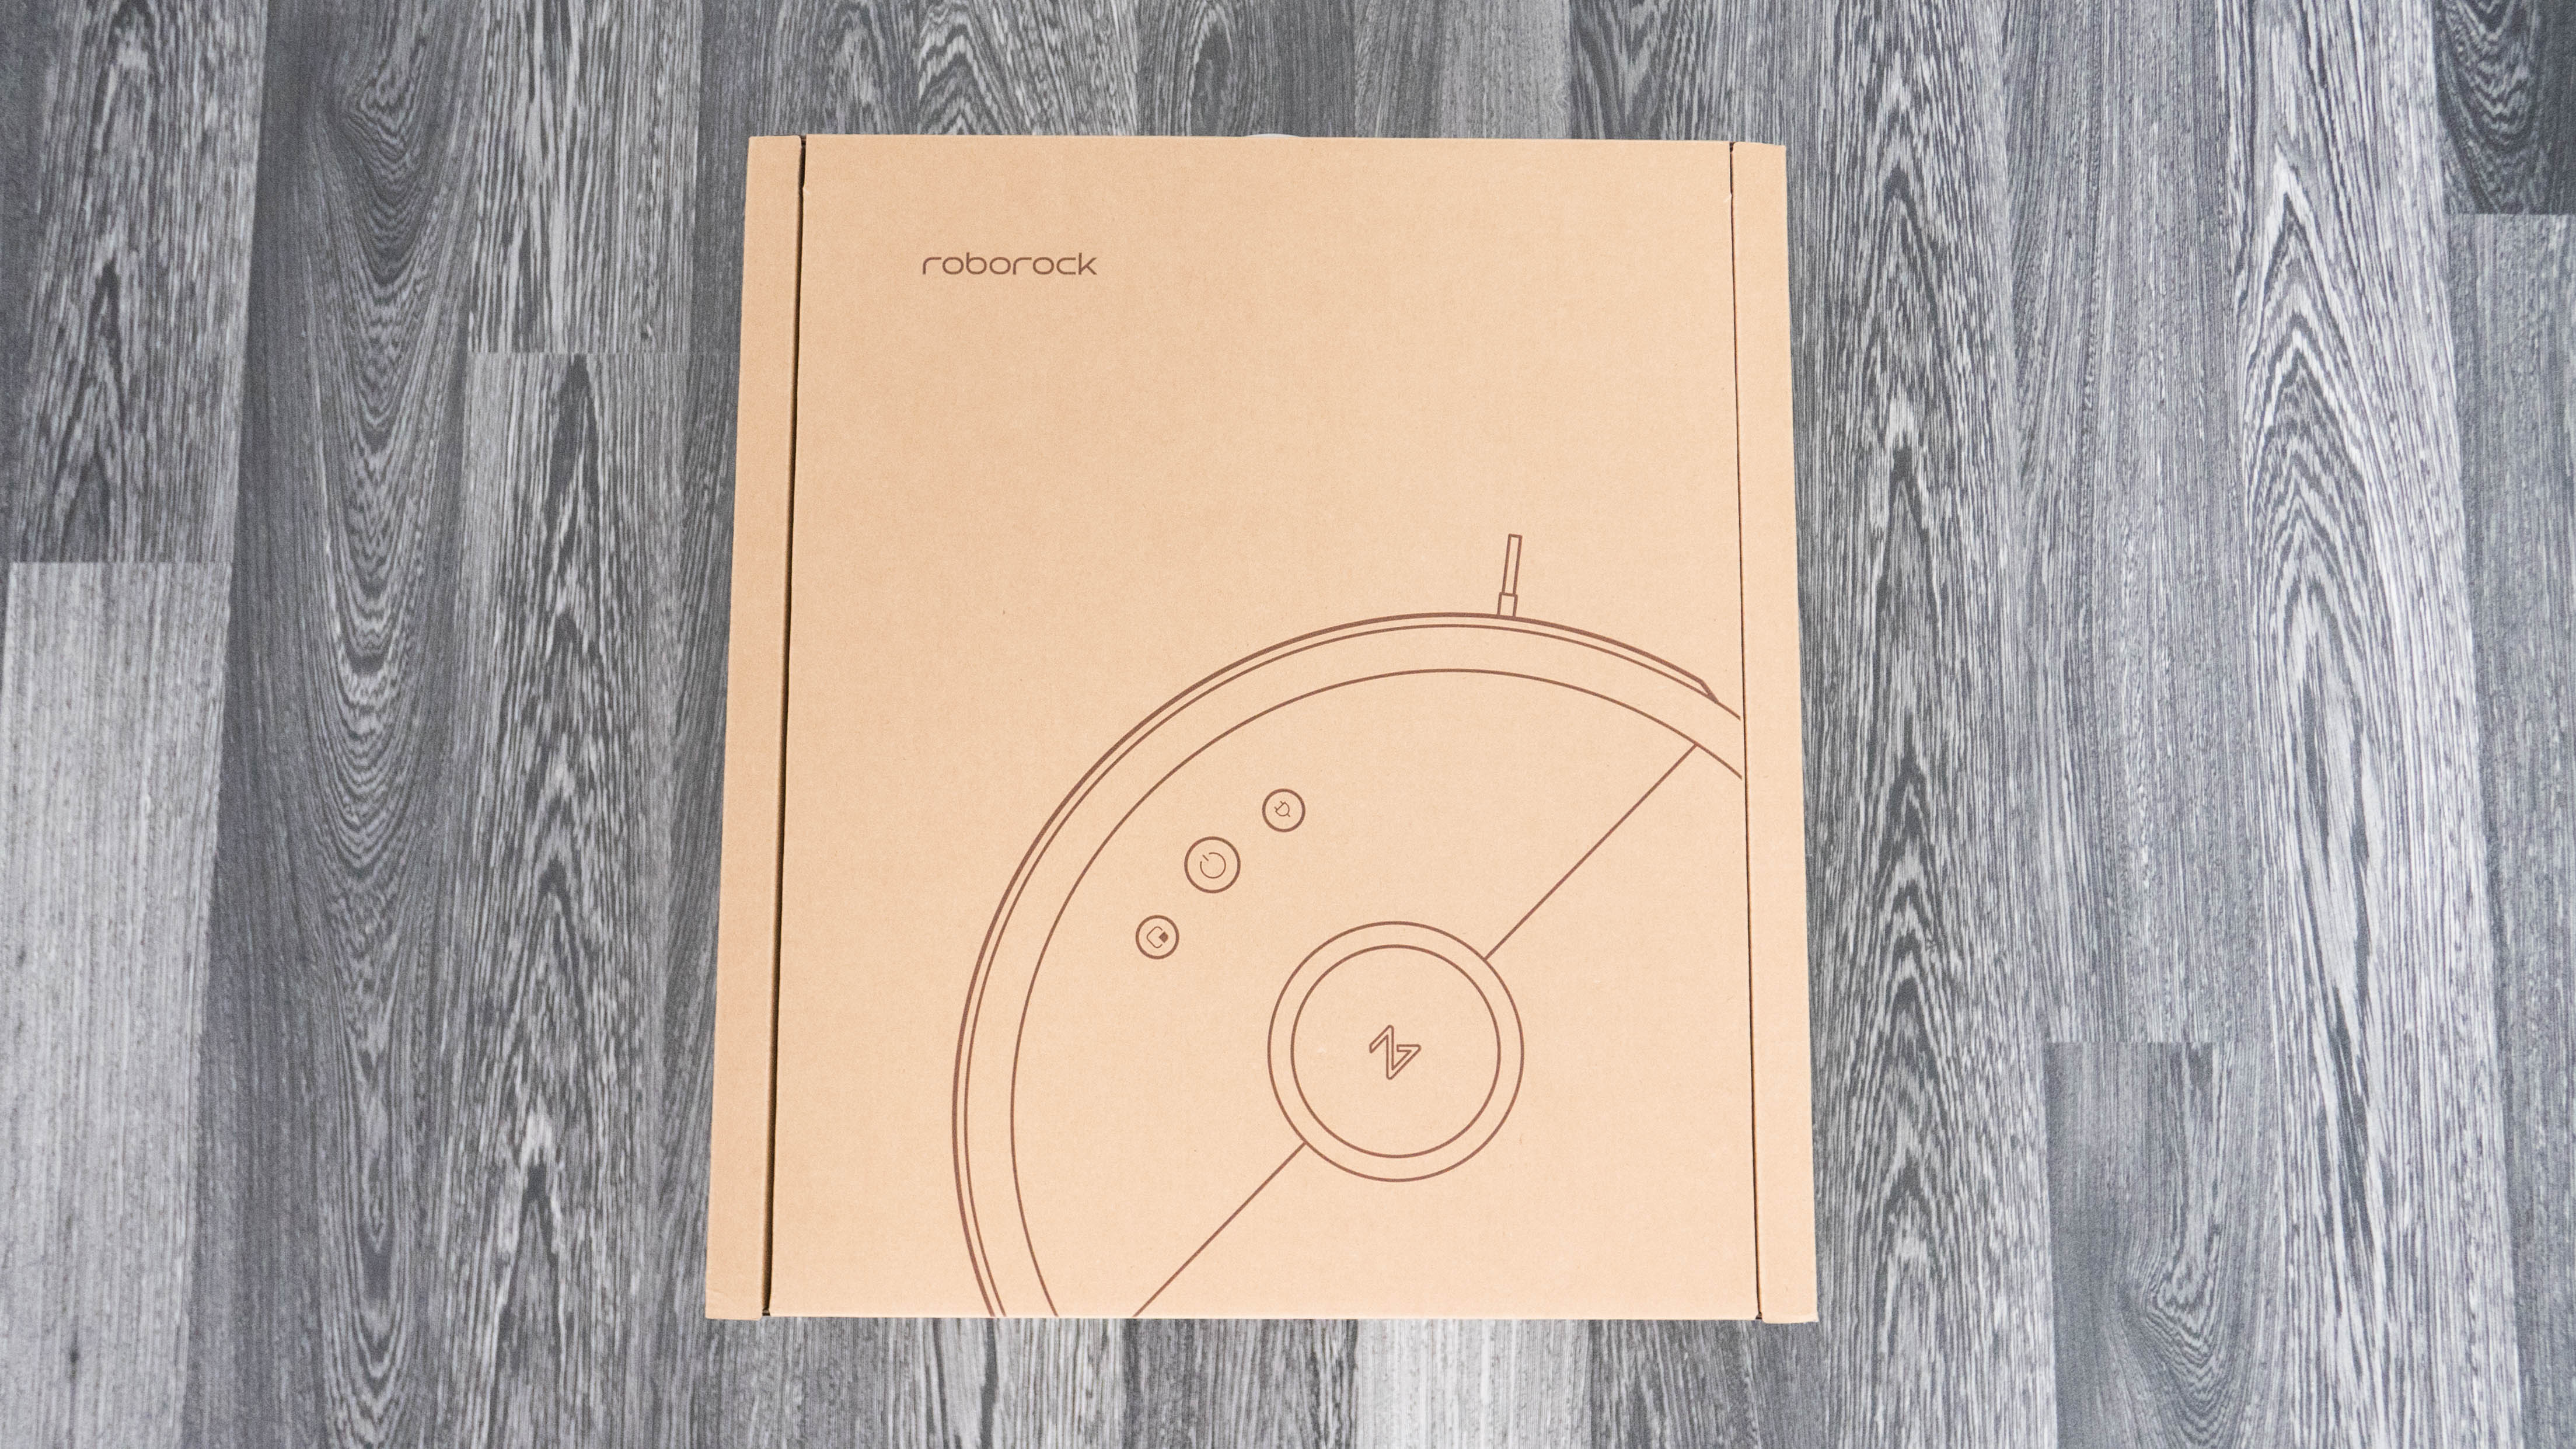 Fußboden Wohnung Xiaomi ~ Xiaomi mi robot 2 roborock s50 im test smarthomeassistent